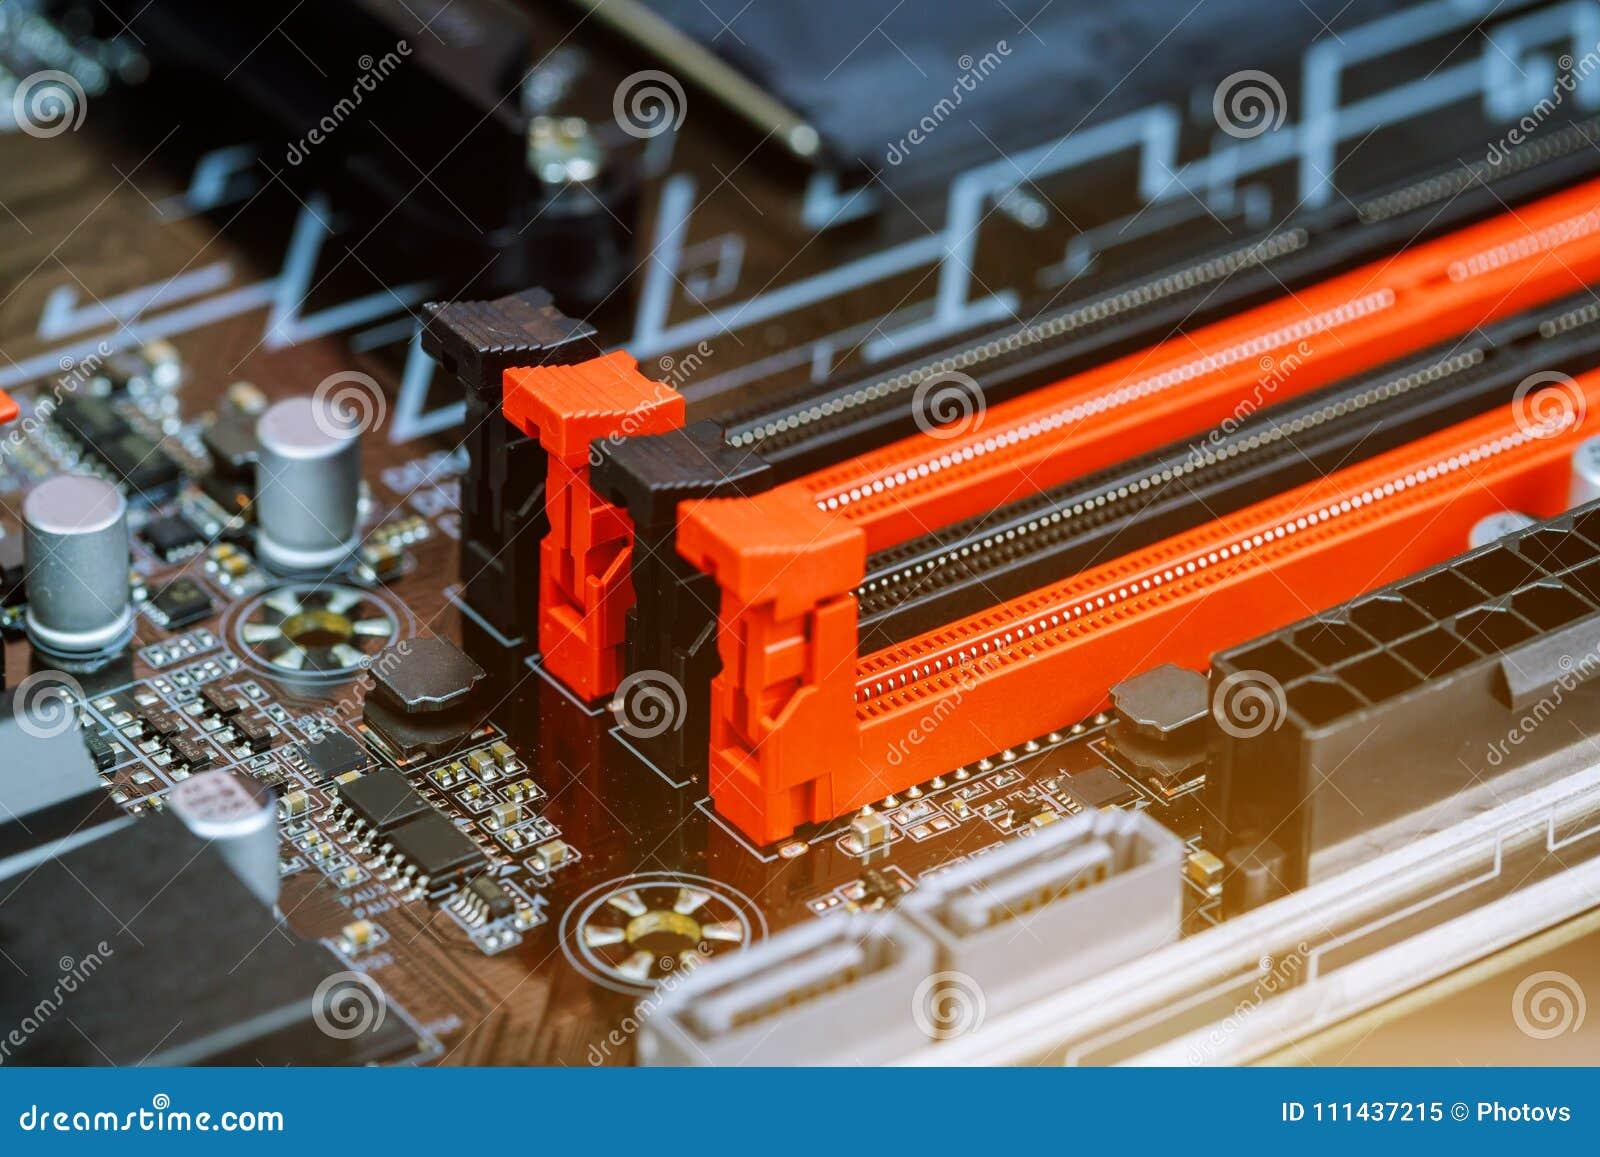 Εγκατάσταση της μνήμης υπολογιστών που εγκαθιστά τον κριό υπολογιστών στη μητρική κάρτα